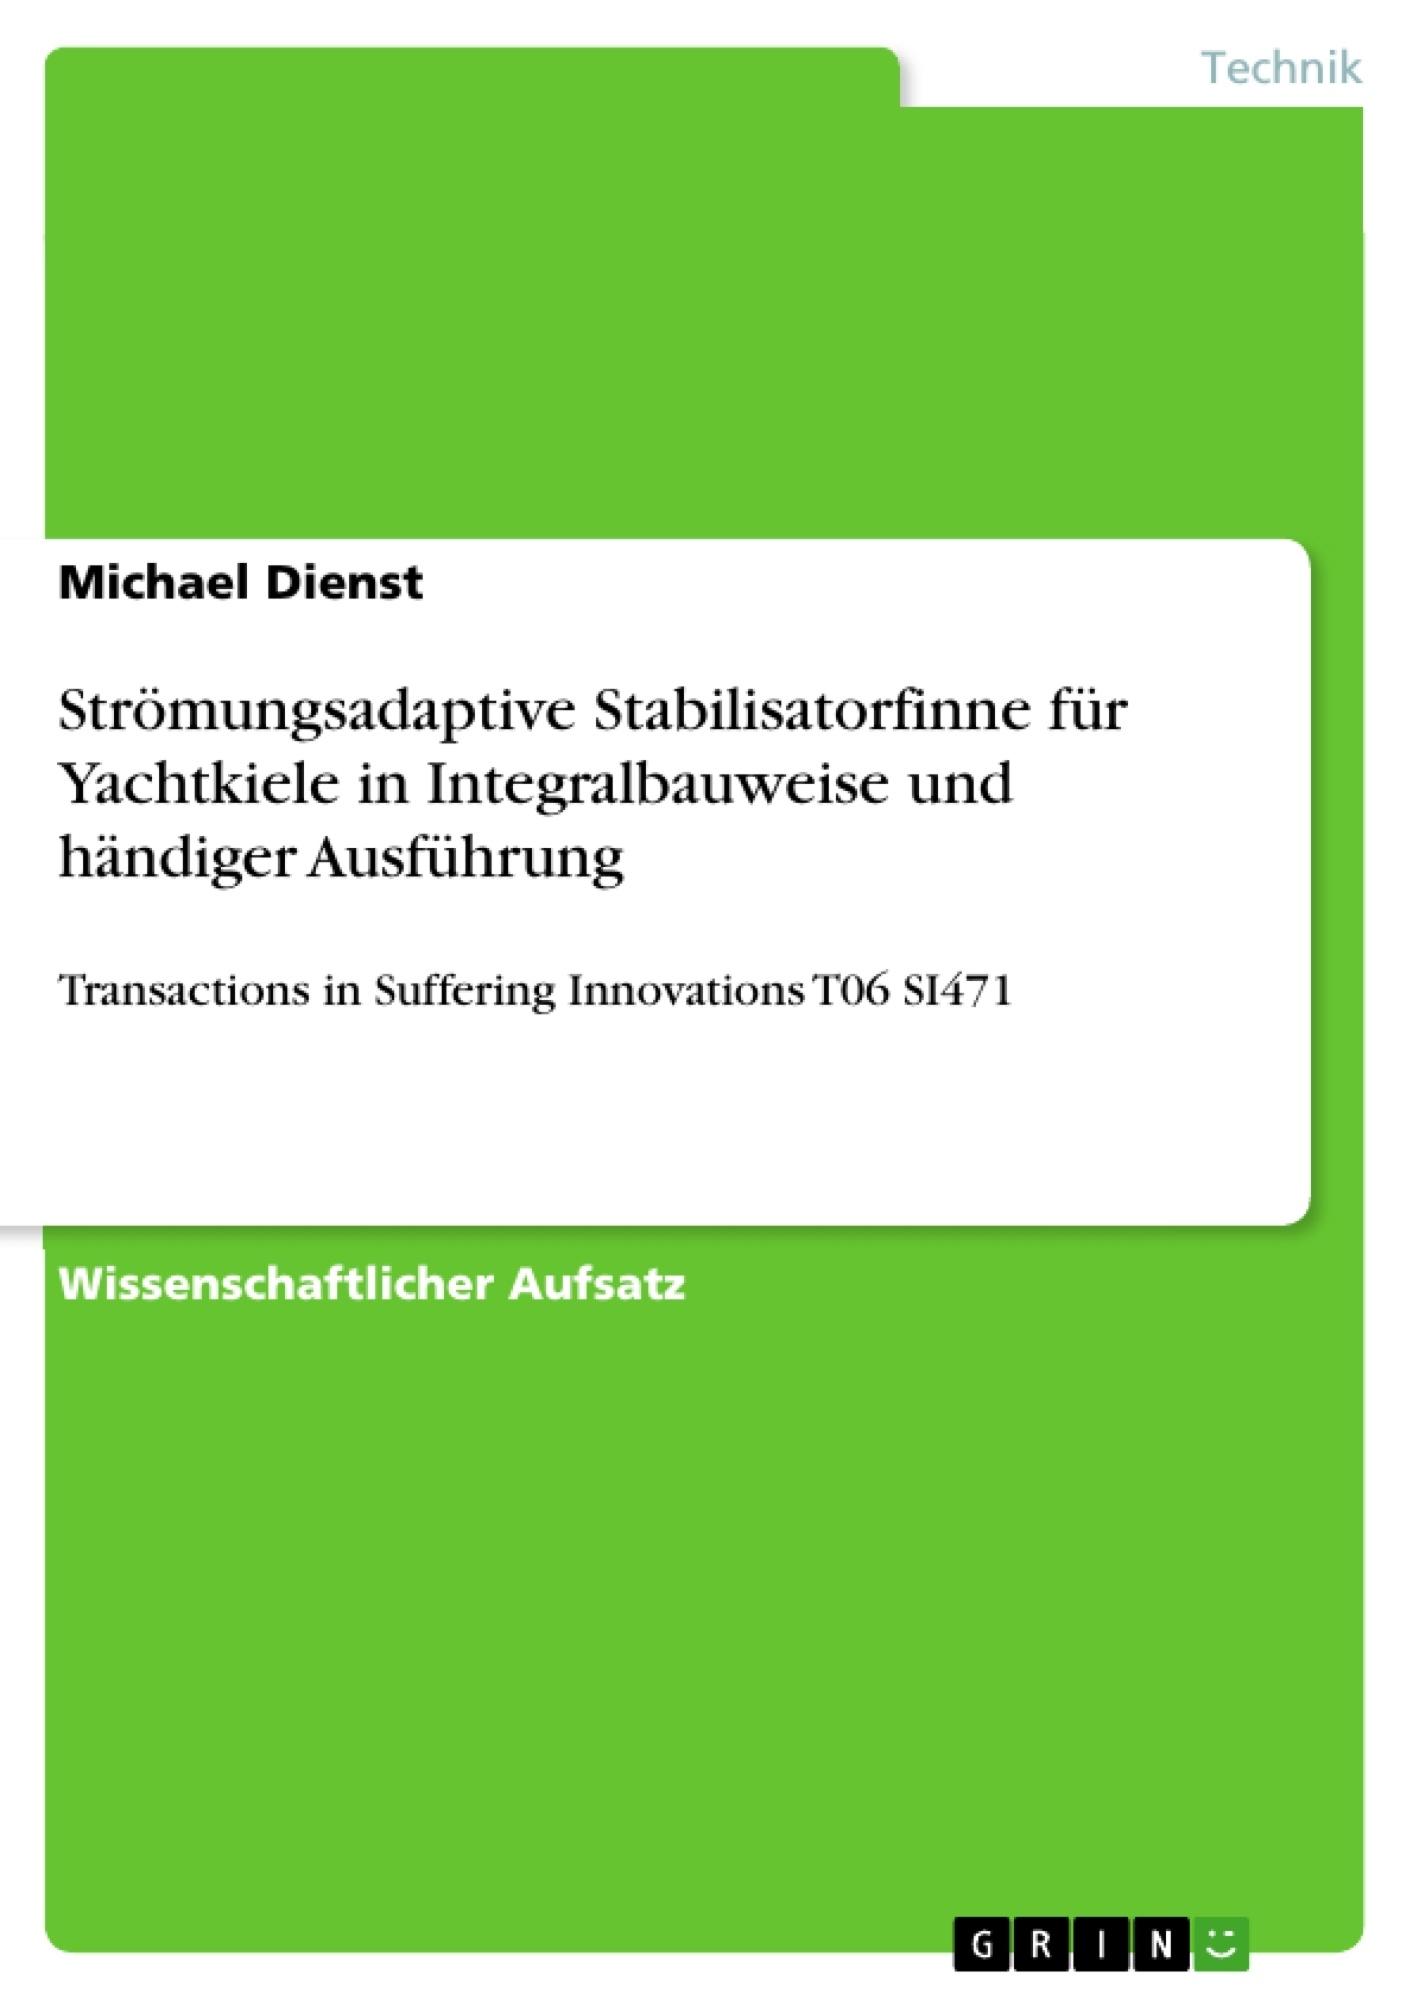 Titel: Strömungsadaptive Stabilisatorfinne für Yachtkiele in Integralbauweise und händiger Ausführung